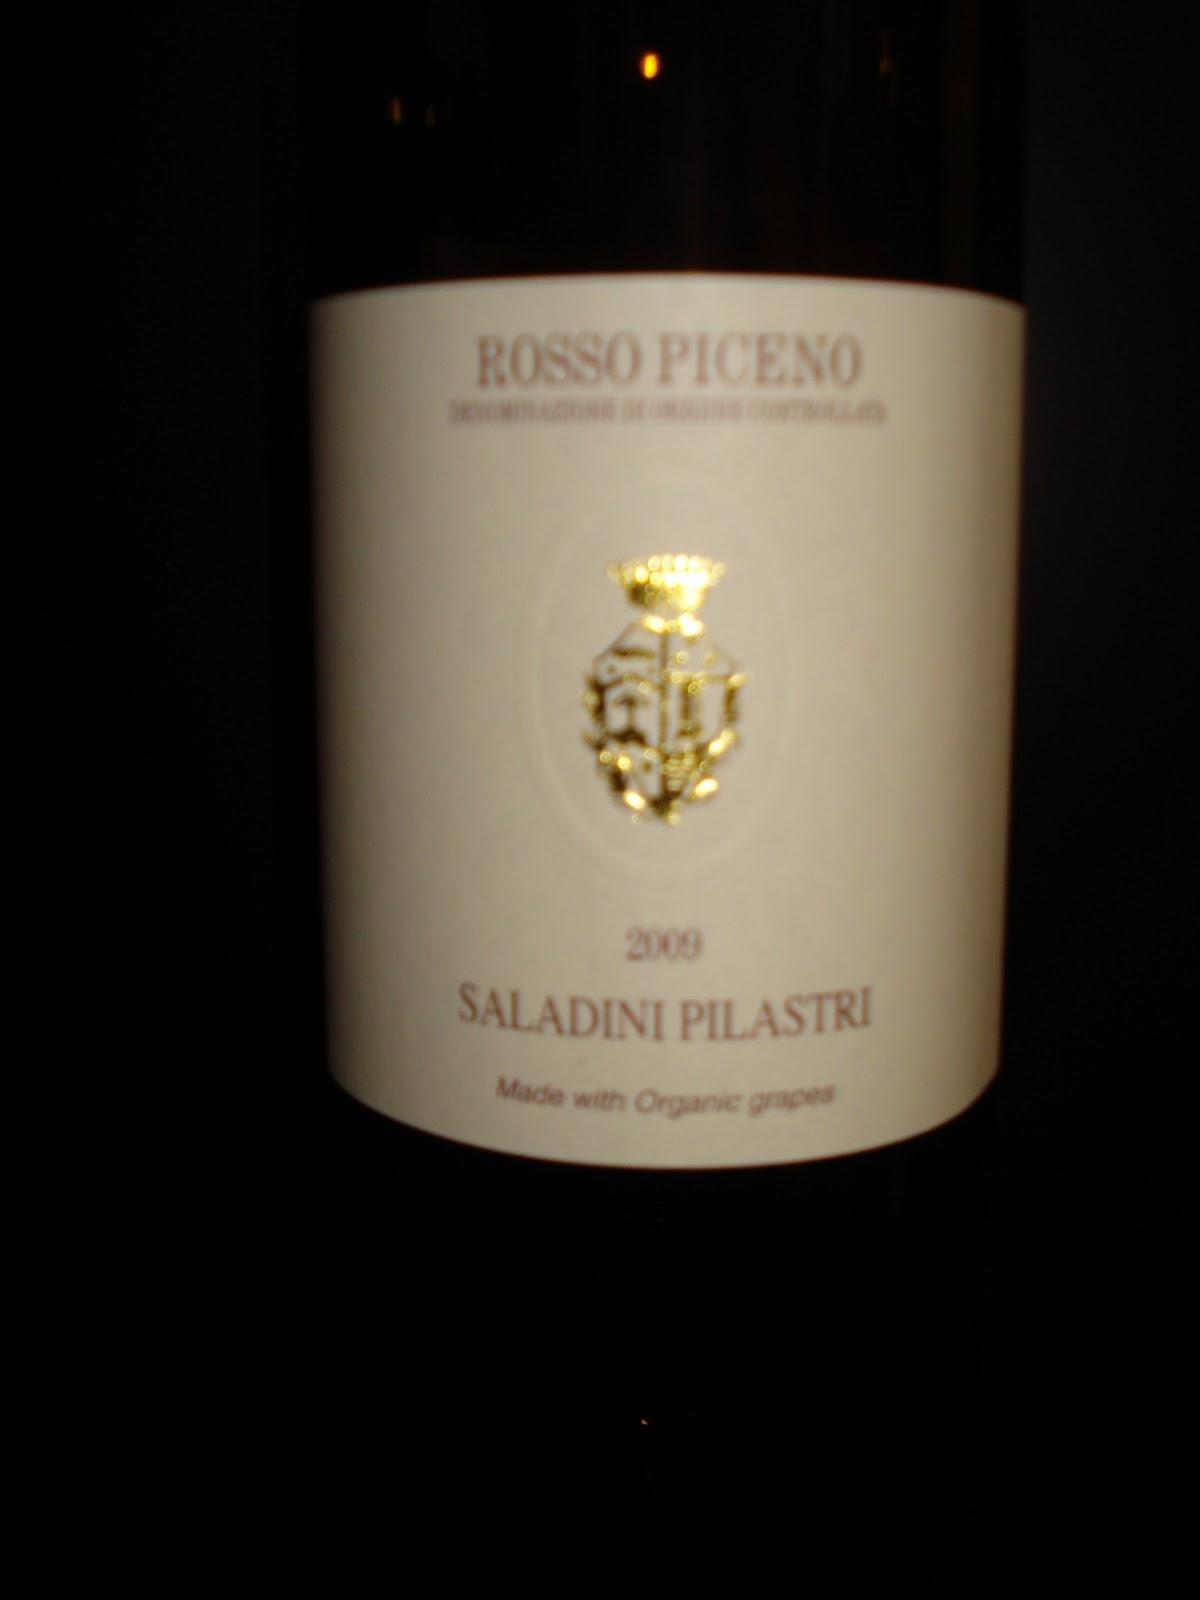 Rosso Piceno 2009